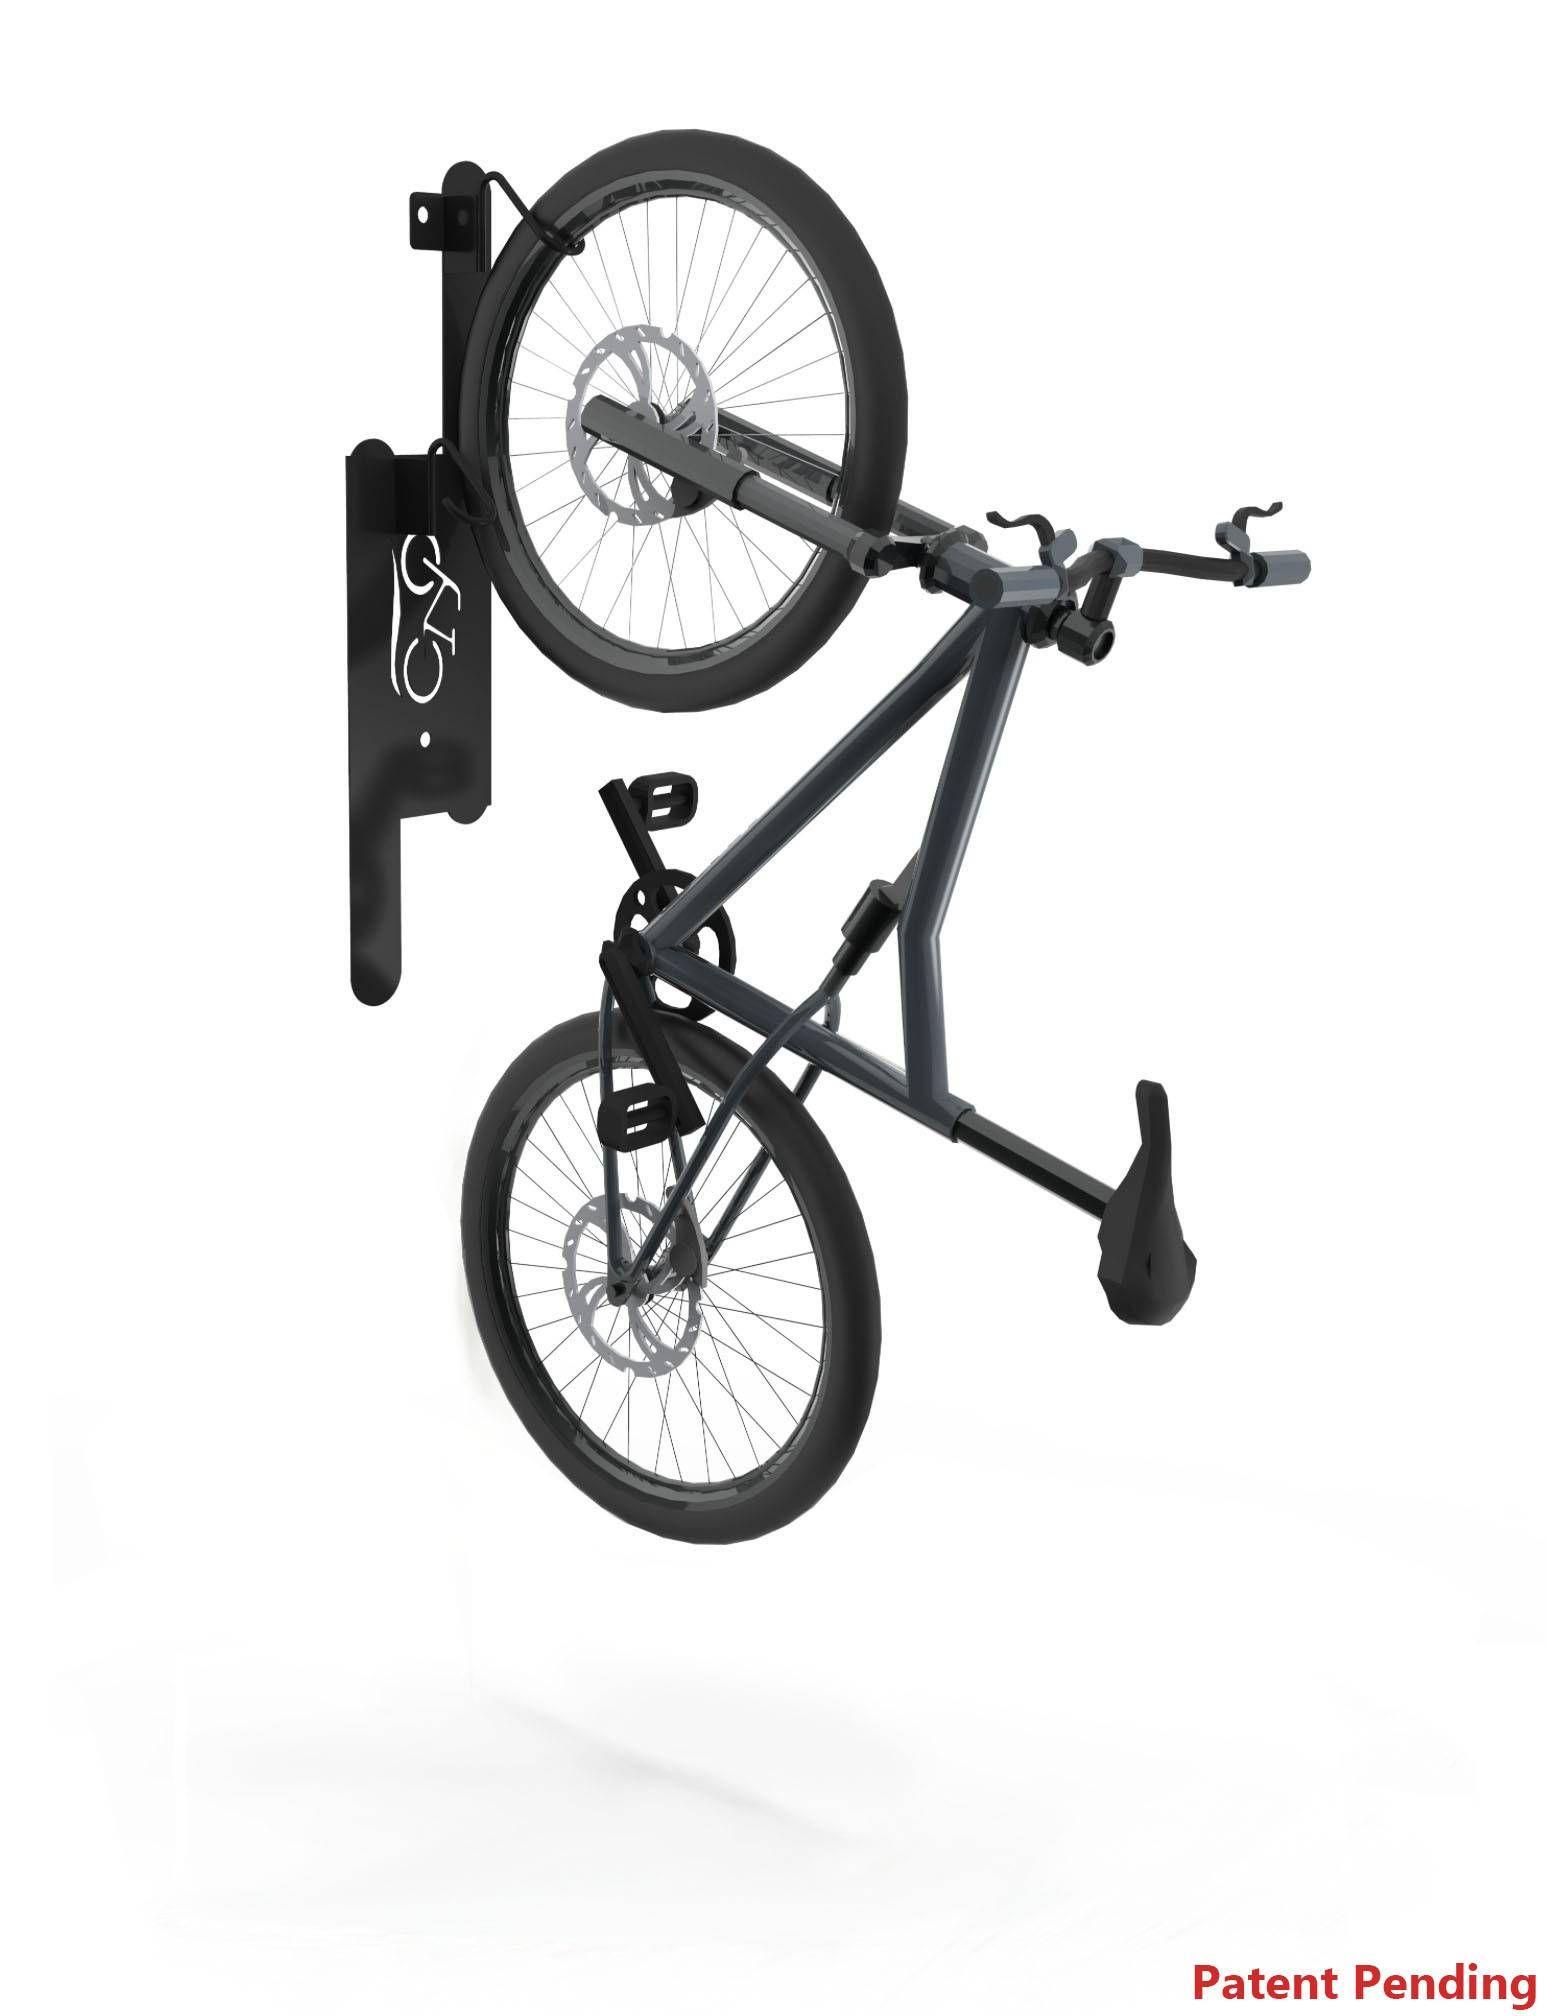 Unique 2 Bike Wall Storage Rack In 2020 Bike Wall Storage Bike Rack Wall Bike Rack Garage